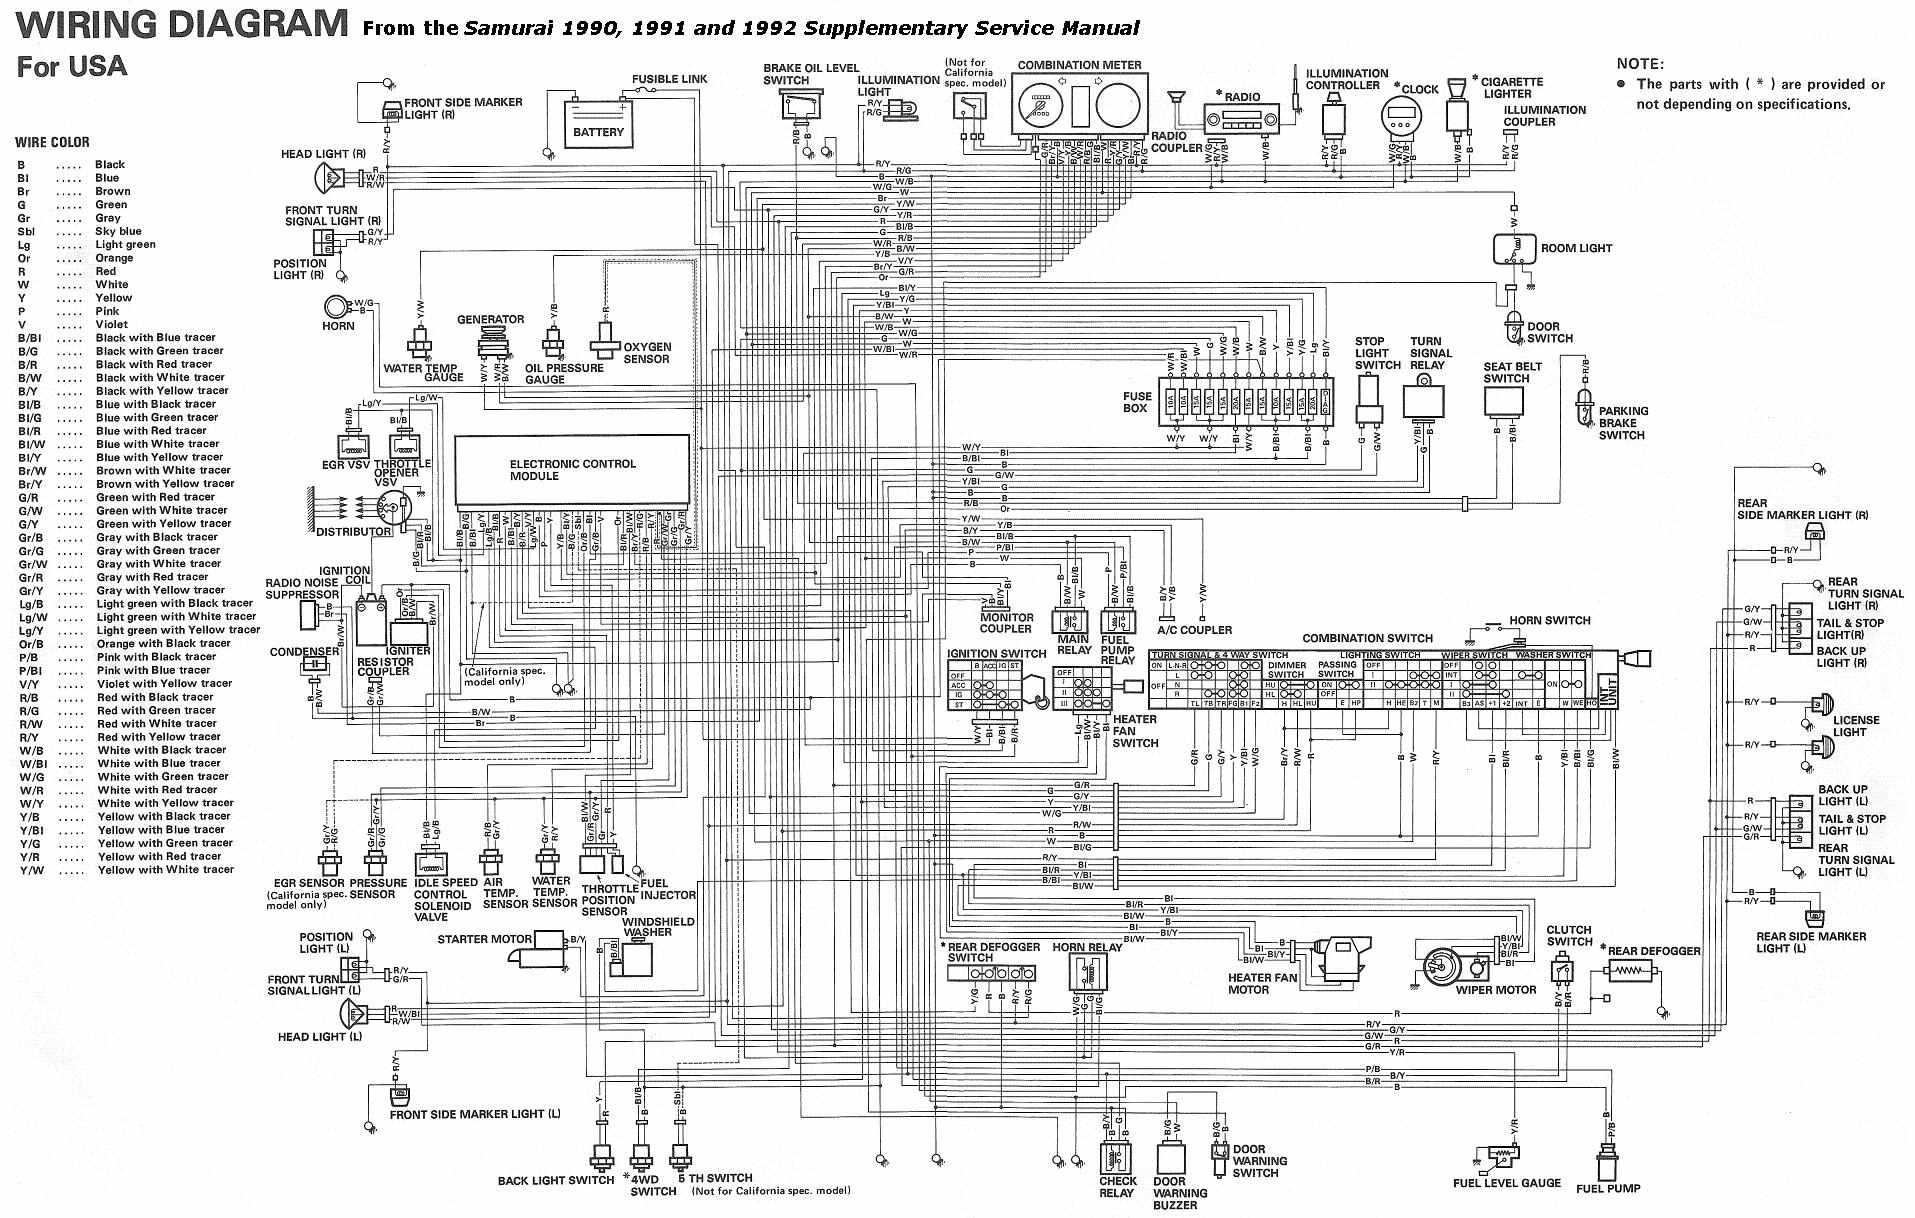 1990 Chrysler Lebaron Wiring Diagram Wiring House Lighting Diagram Bege Wiring Diagram